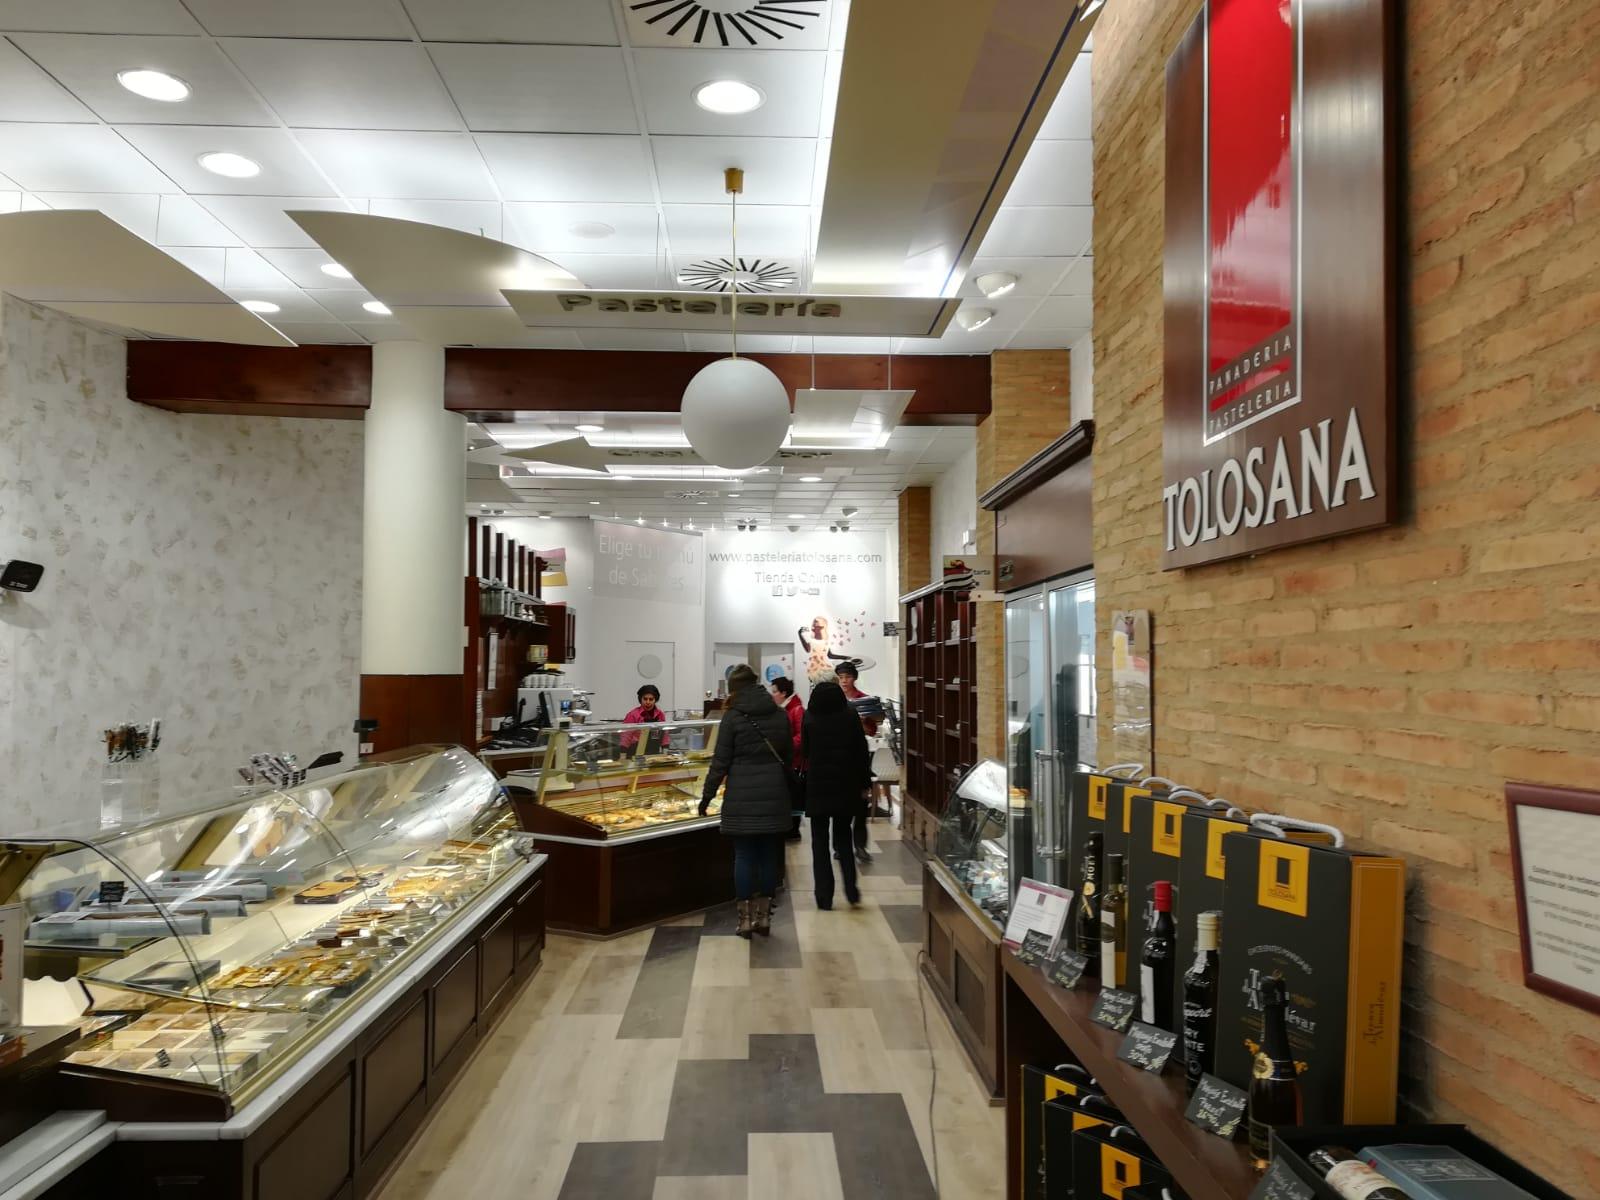 Tienda Goya